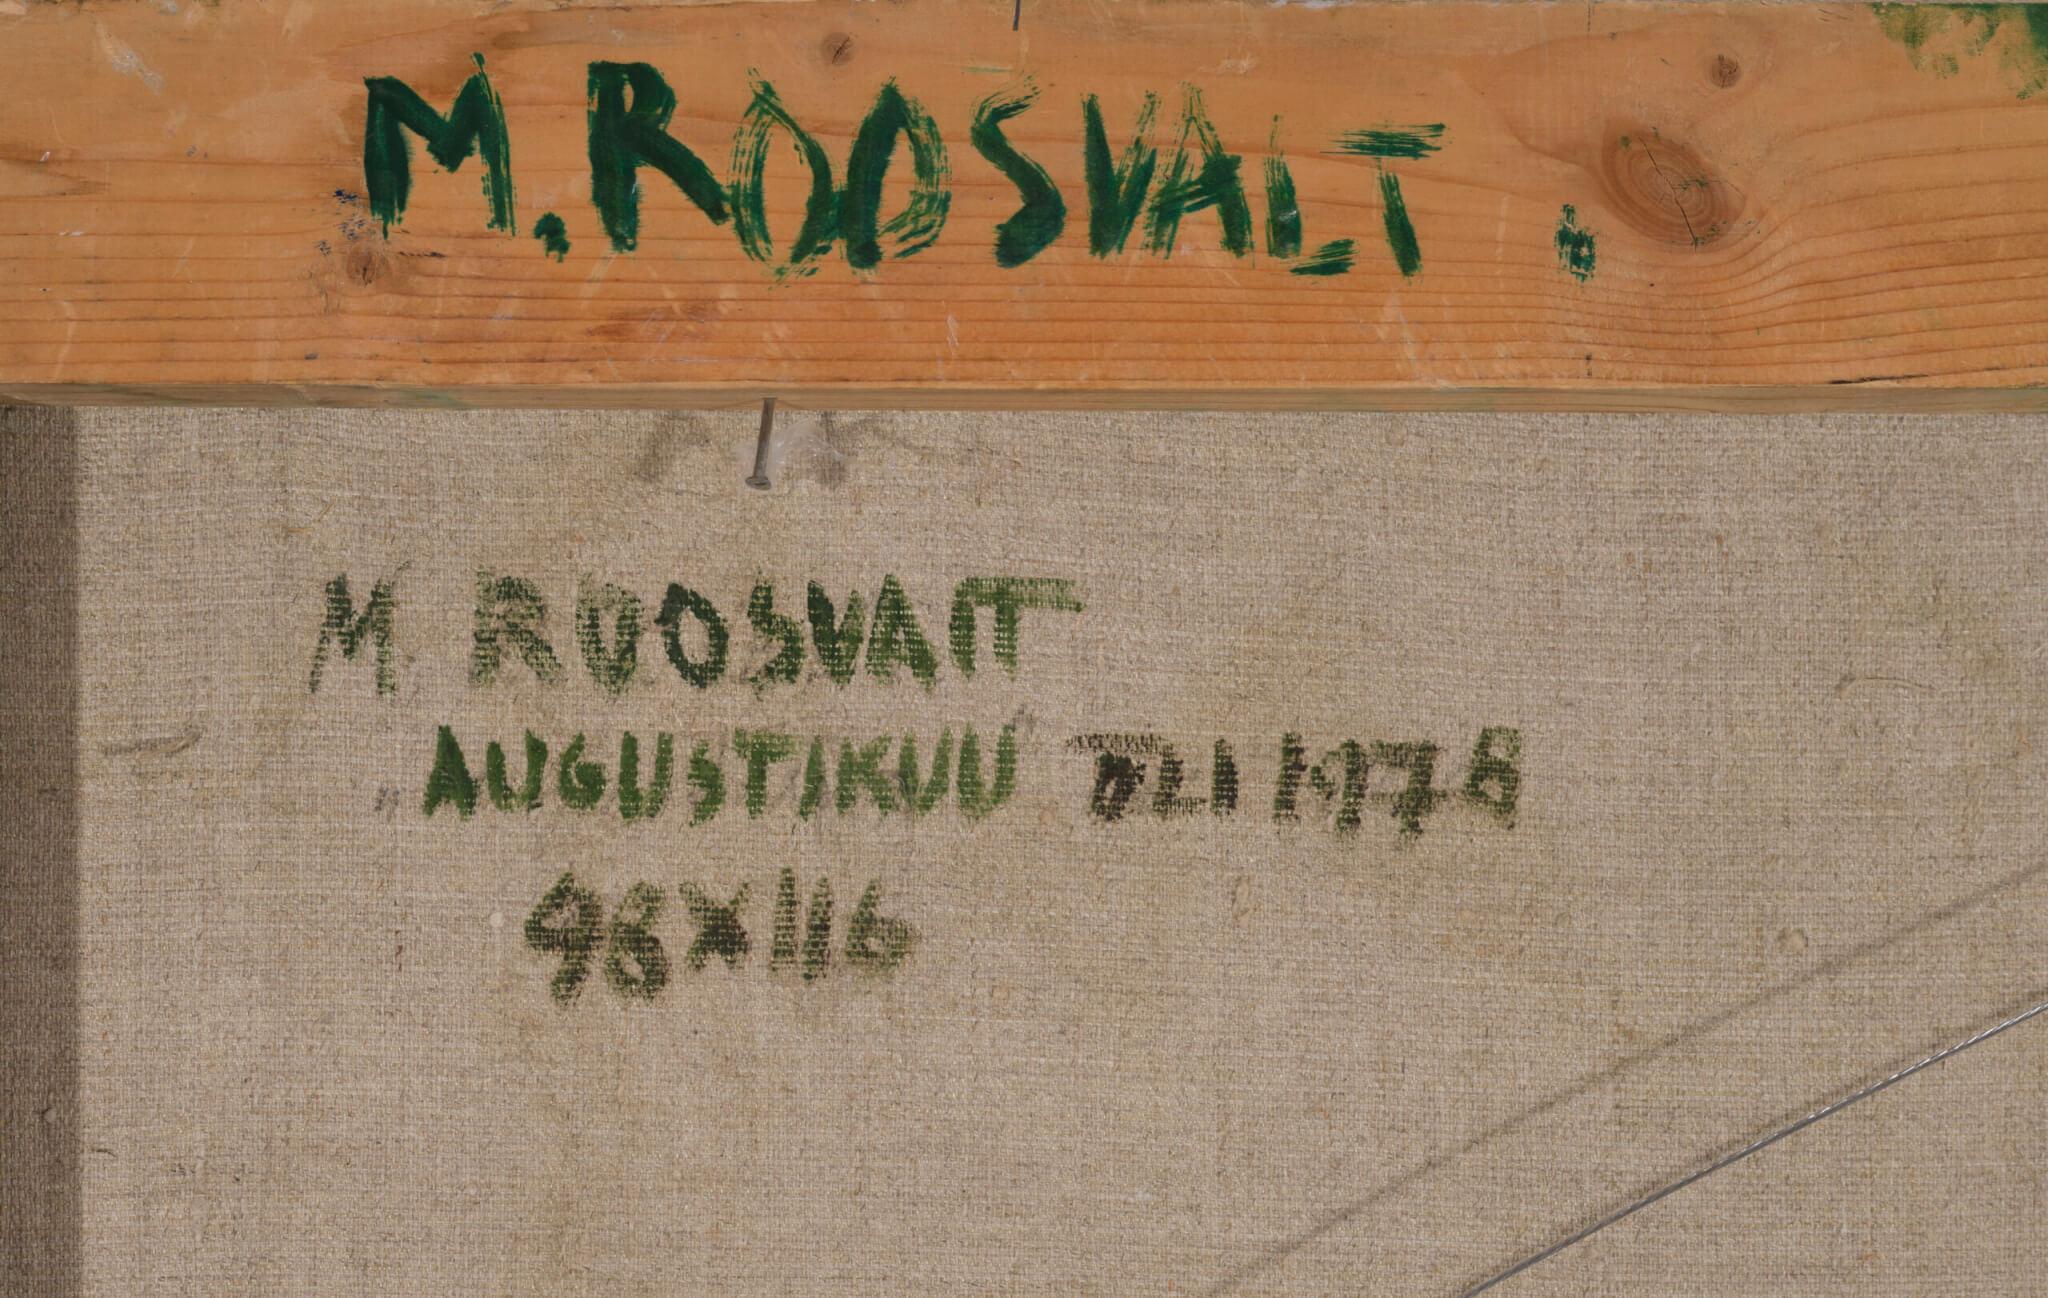 Mari-Roosvalt-Augustikuu-Allee-galerii-kunstioksjon